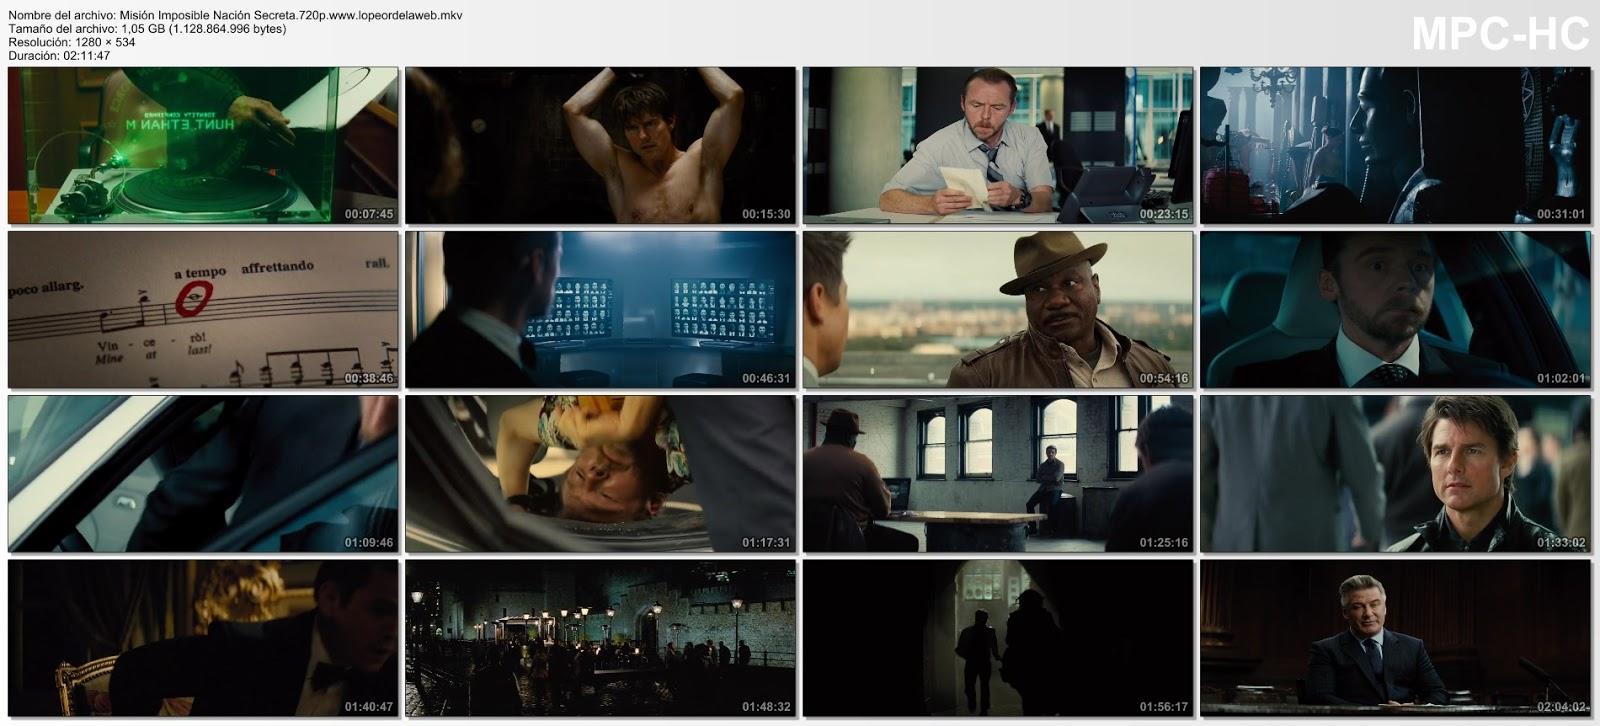 Misión Imposible Nación Secreta  720p Latino (2015) [Mega]